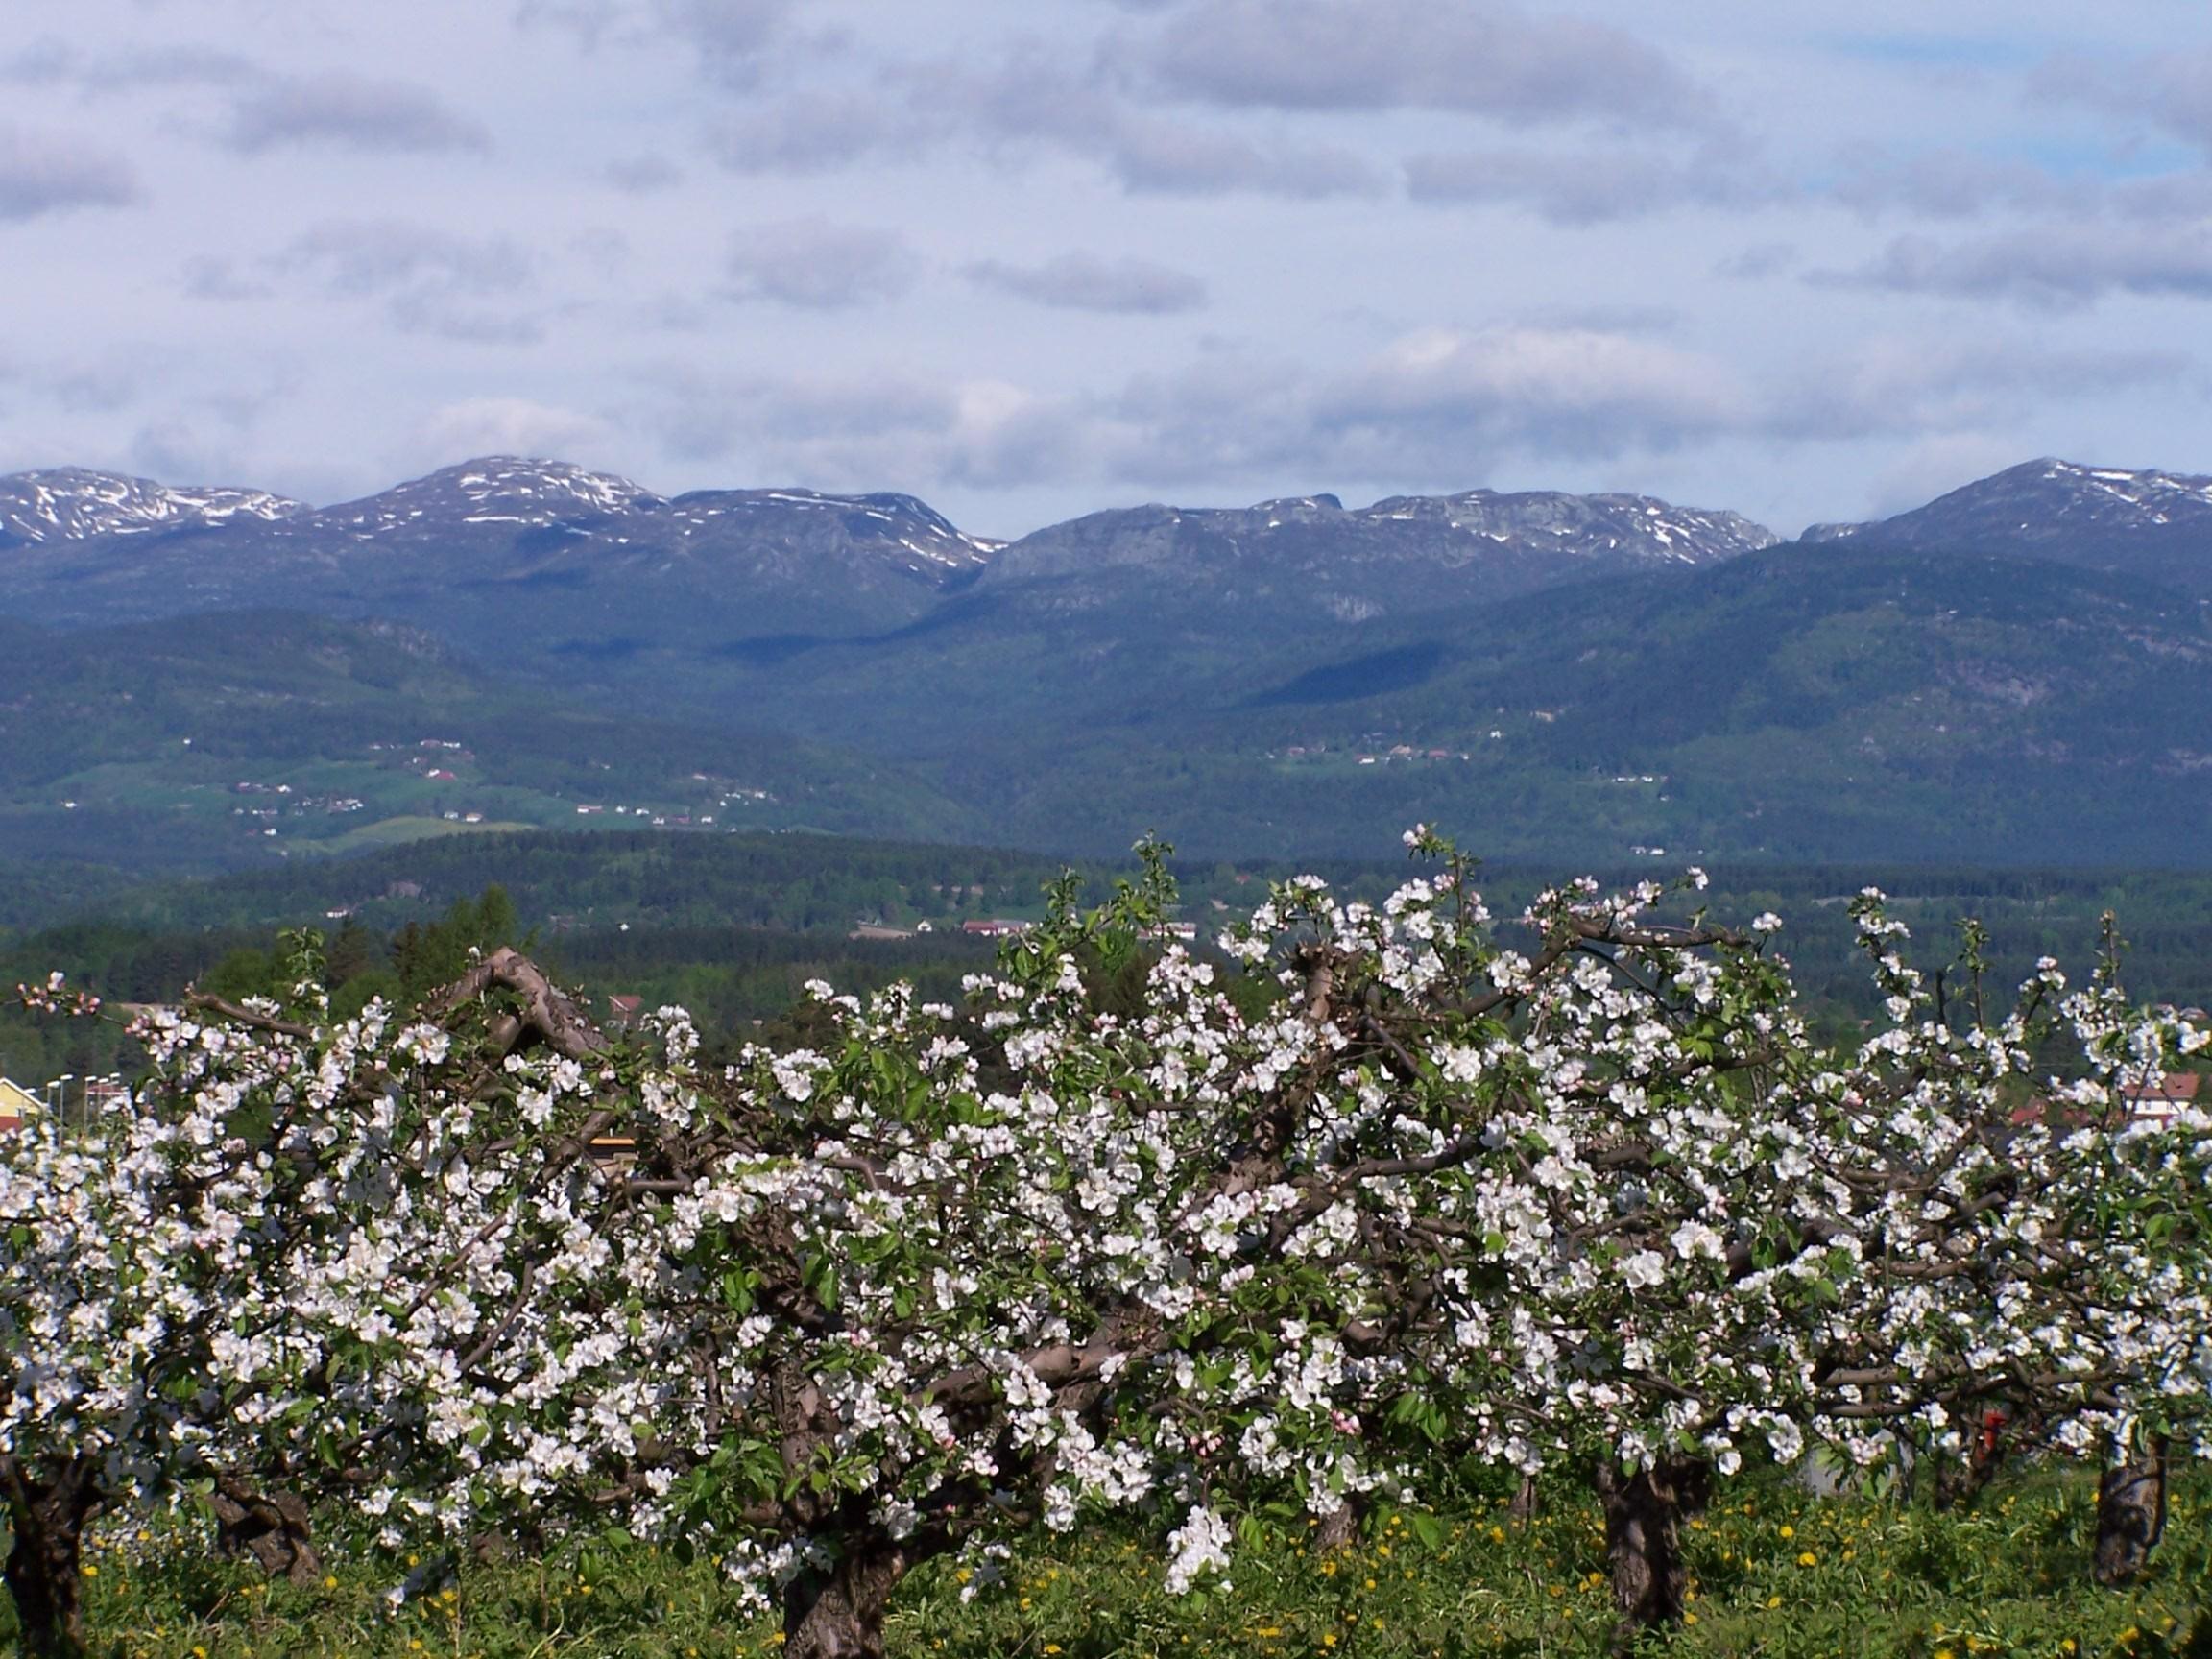 Blomstring i Fruktbygda Foto: Vidar Johan  Lyngstad